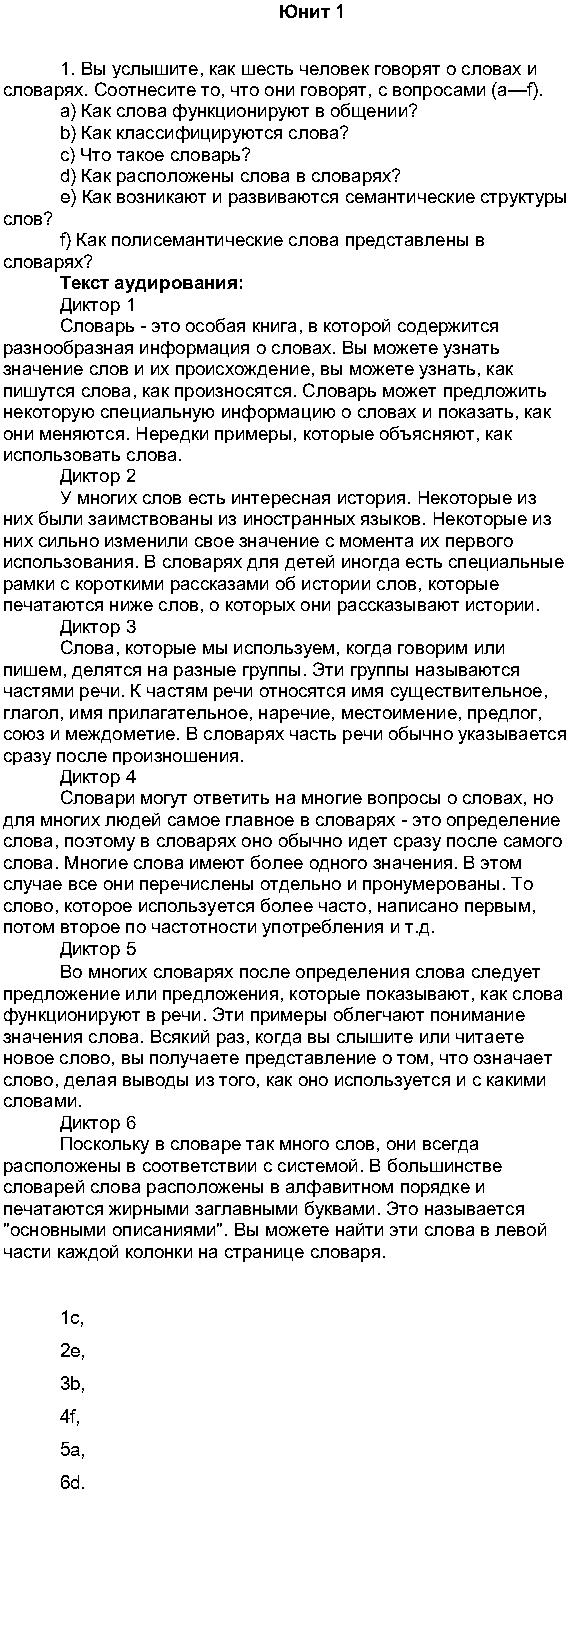 U-1: 1 - решение